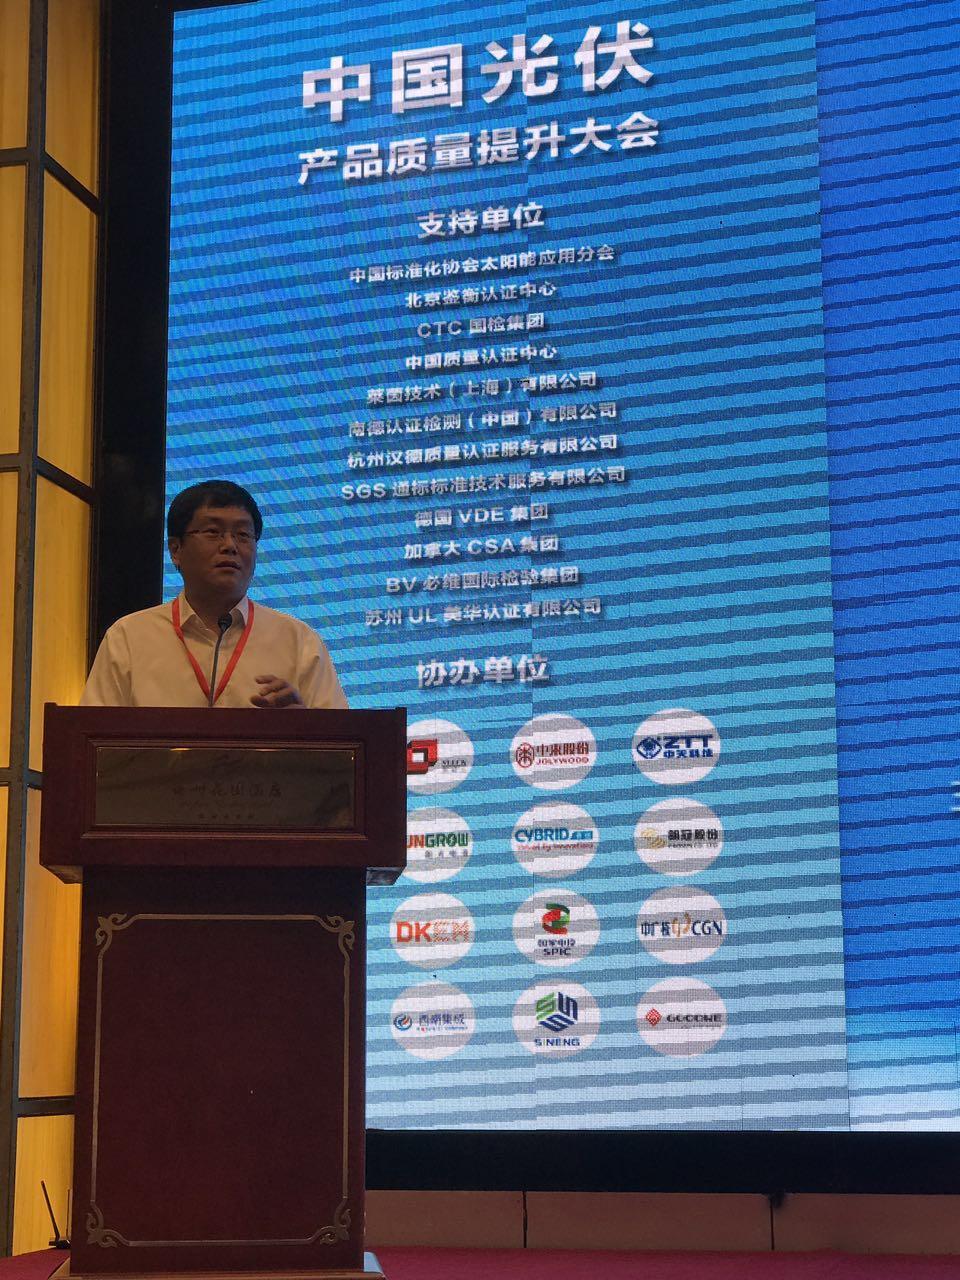 2017年中国光伏产品质量提升大会在无锡顺利召开!